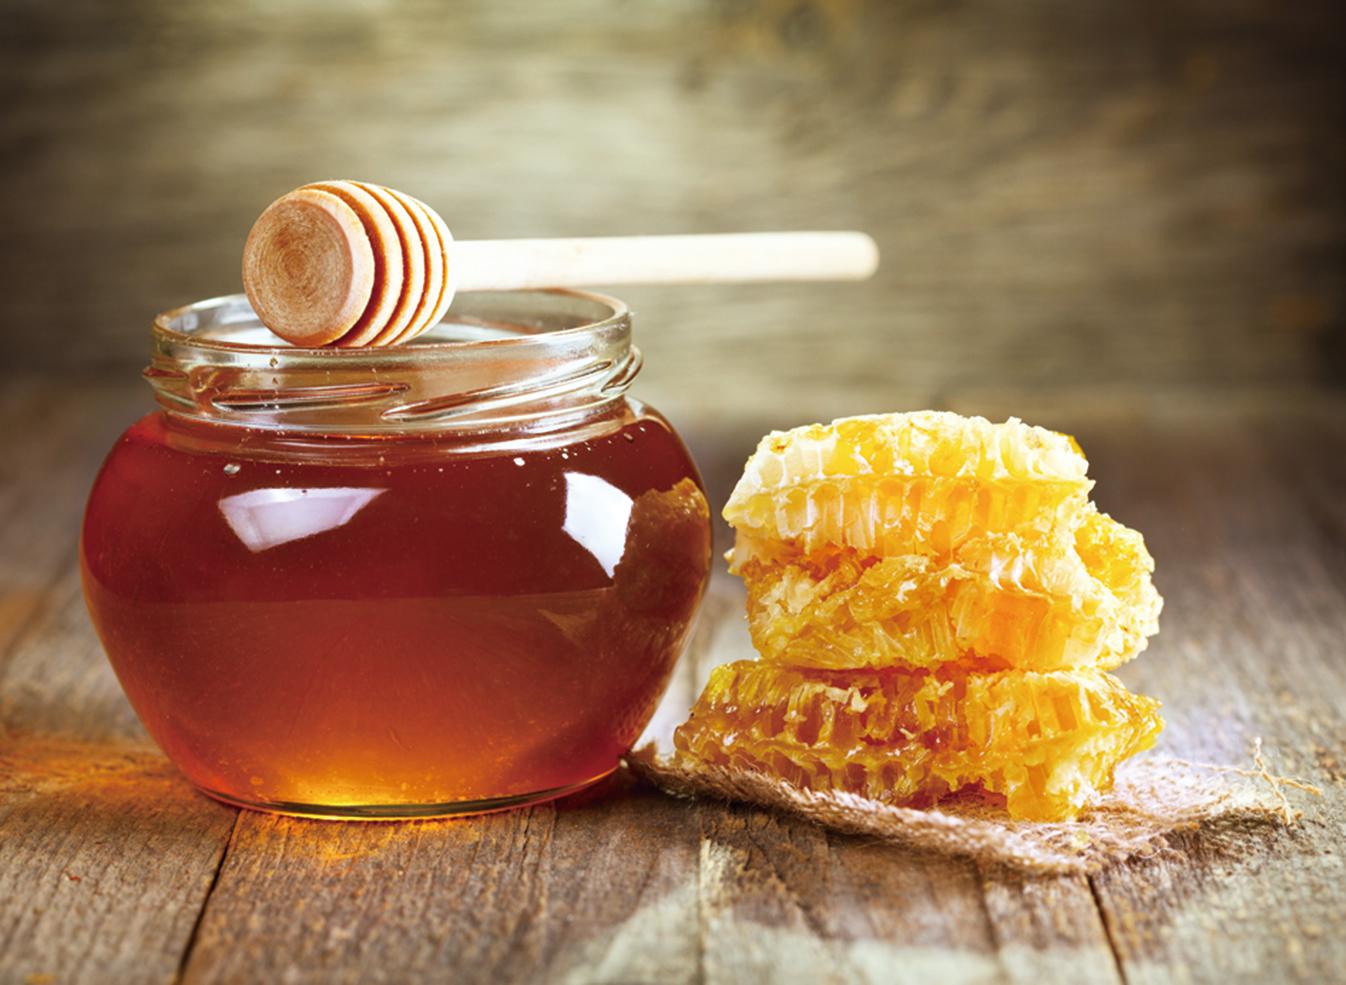 蜂蜜止咳效果比西藥好